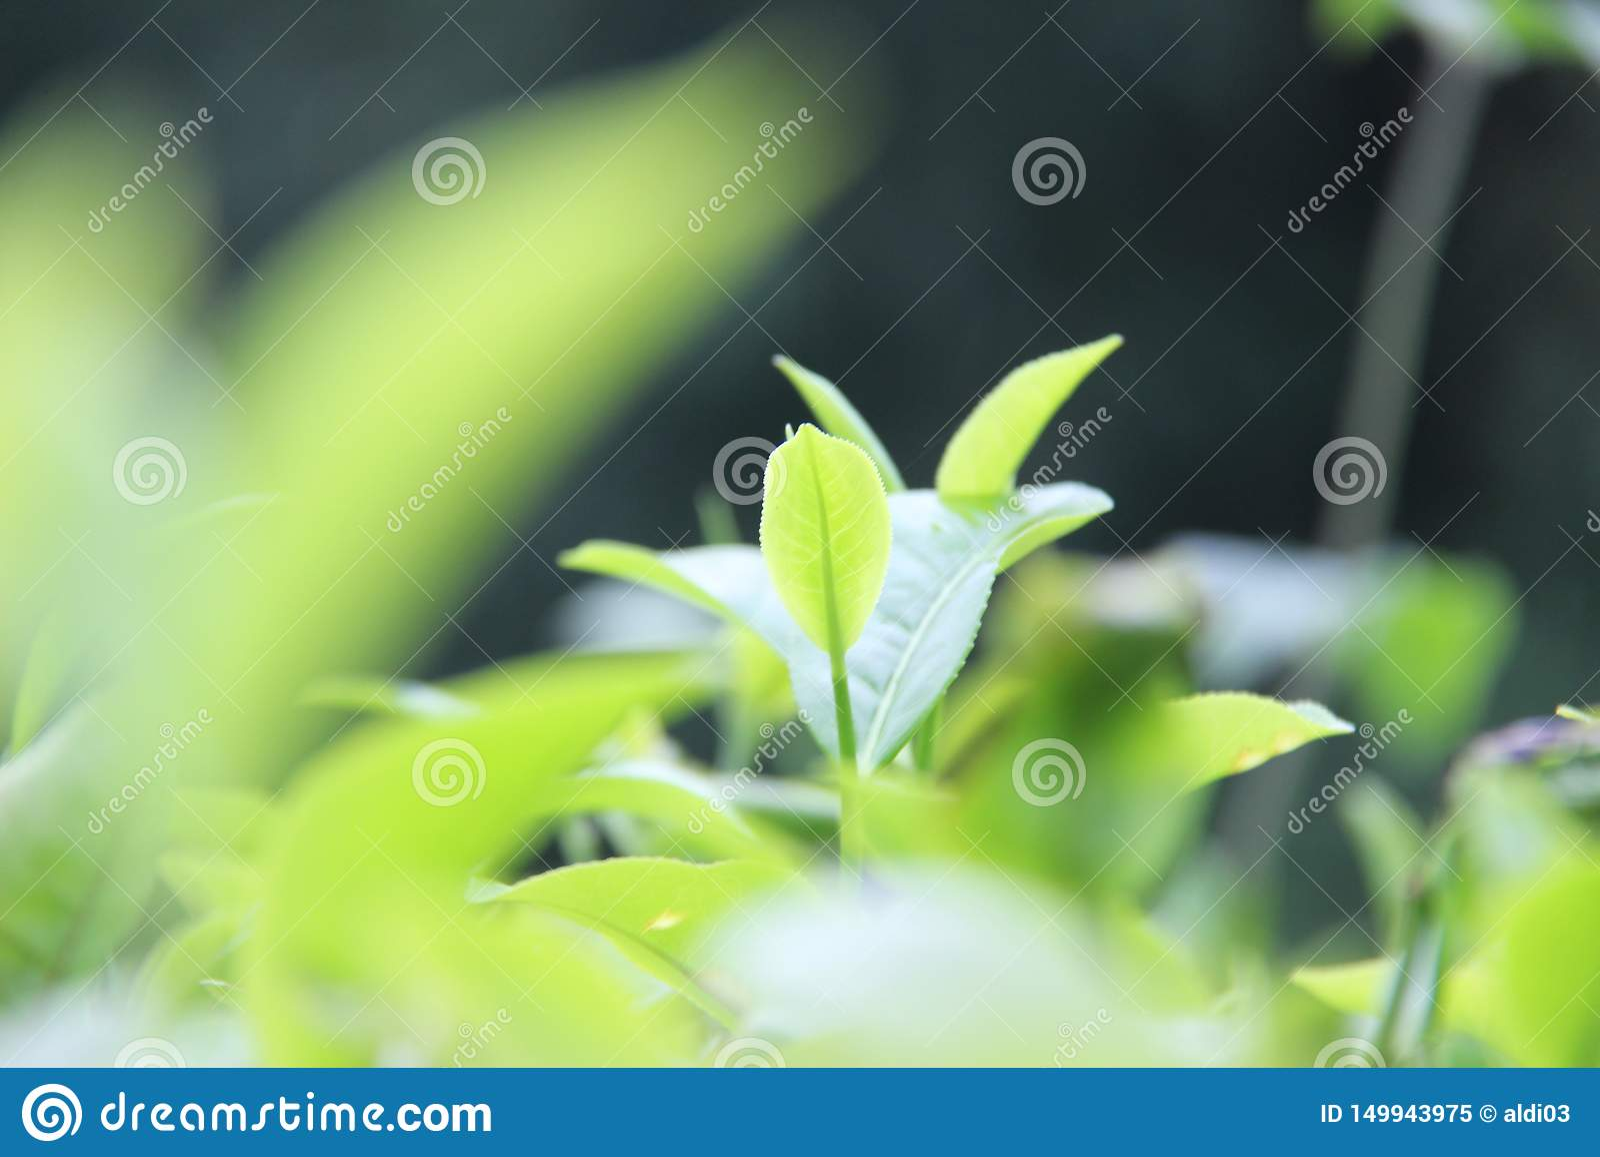 Φρέσκα πράσινα φύλλα τσαγιού στο λόφο kuneer, Μαλάνγκ - Ινδονησία